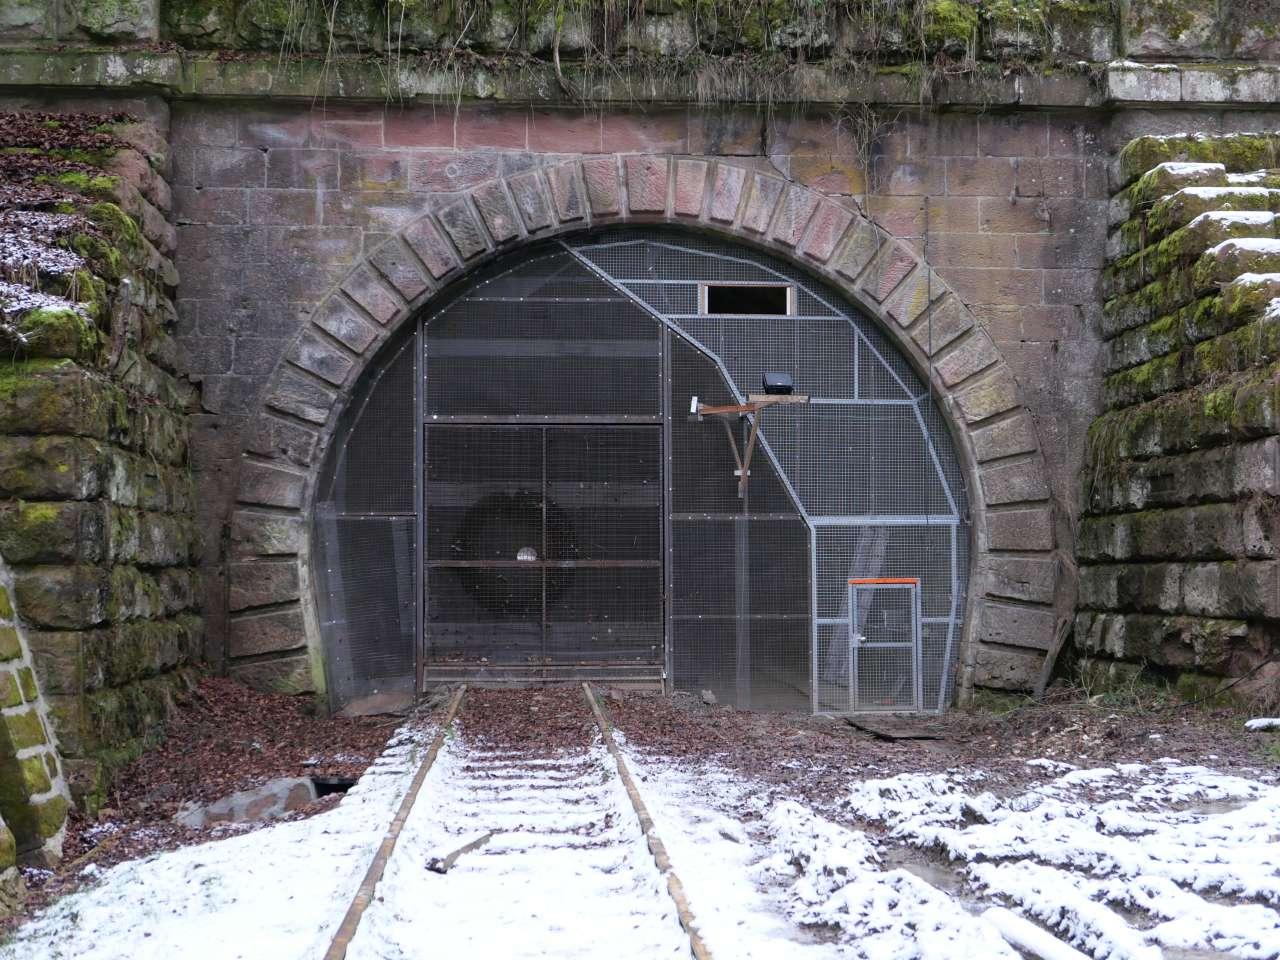 https://abload.de/img/3-15-tunnelportal2kzko5.jpg